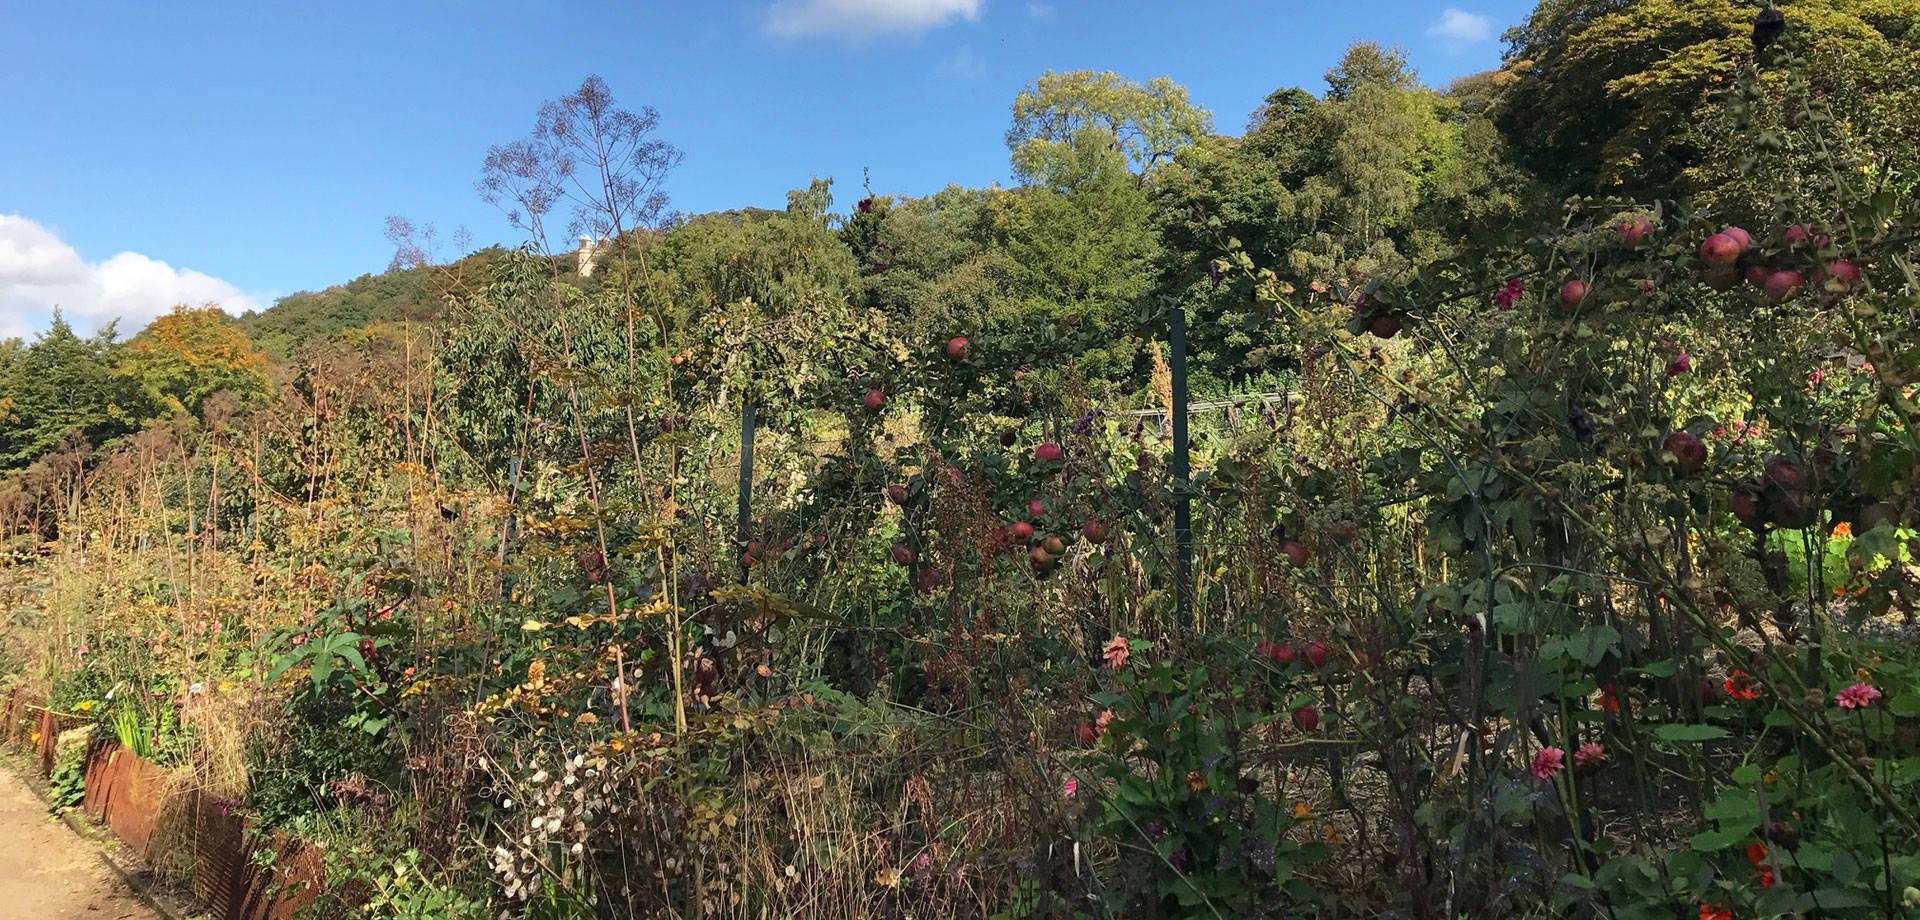 The Kitchen Garden Blog: October